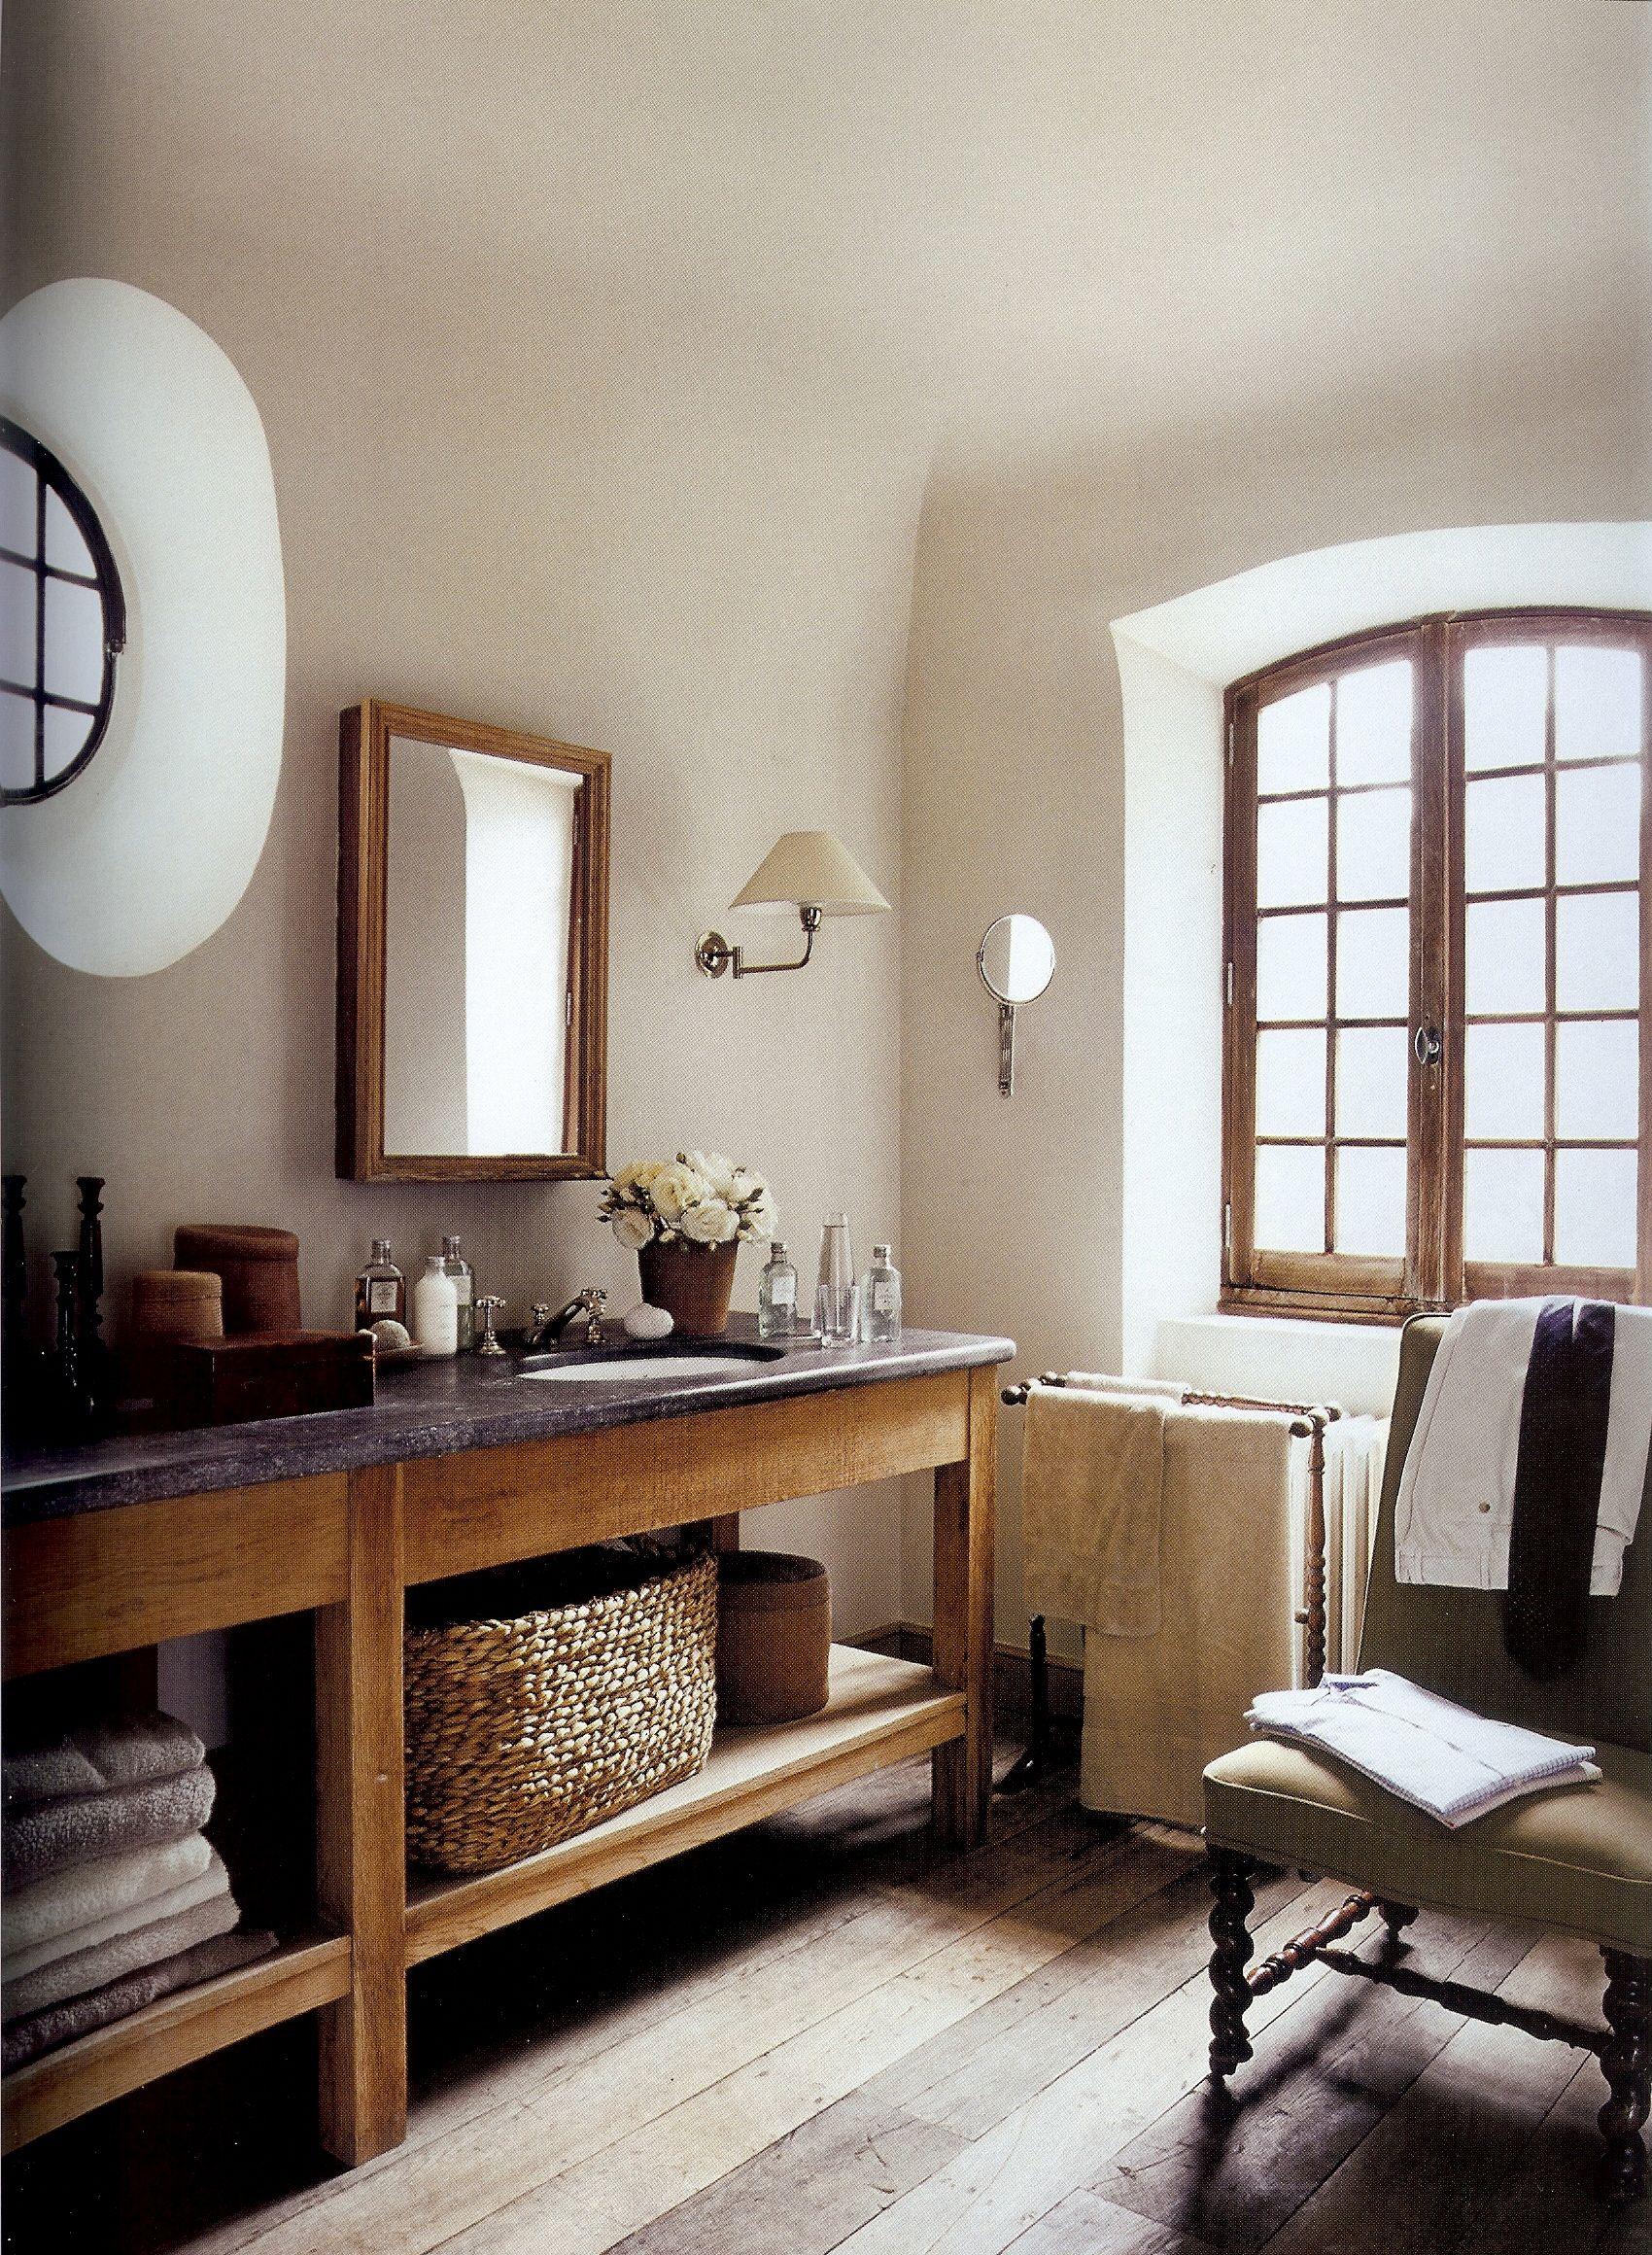 Modern Rustic Rustic Bathroom Designs Rustic Bathroom Vanities